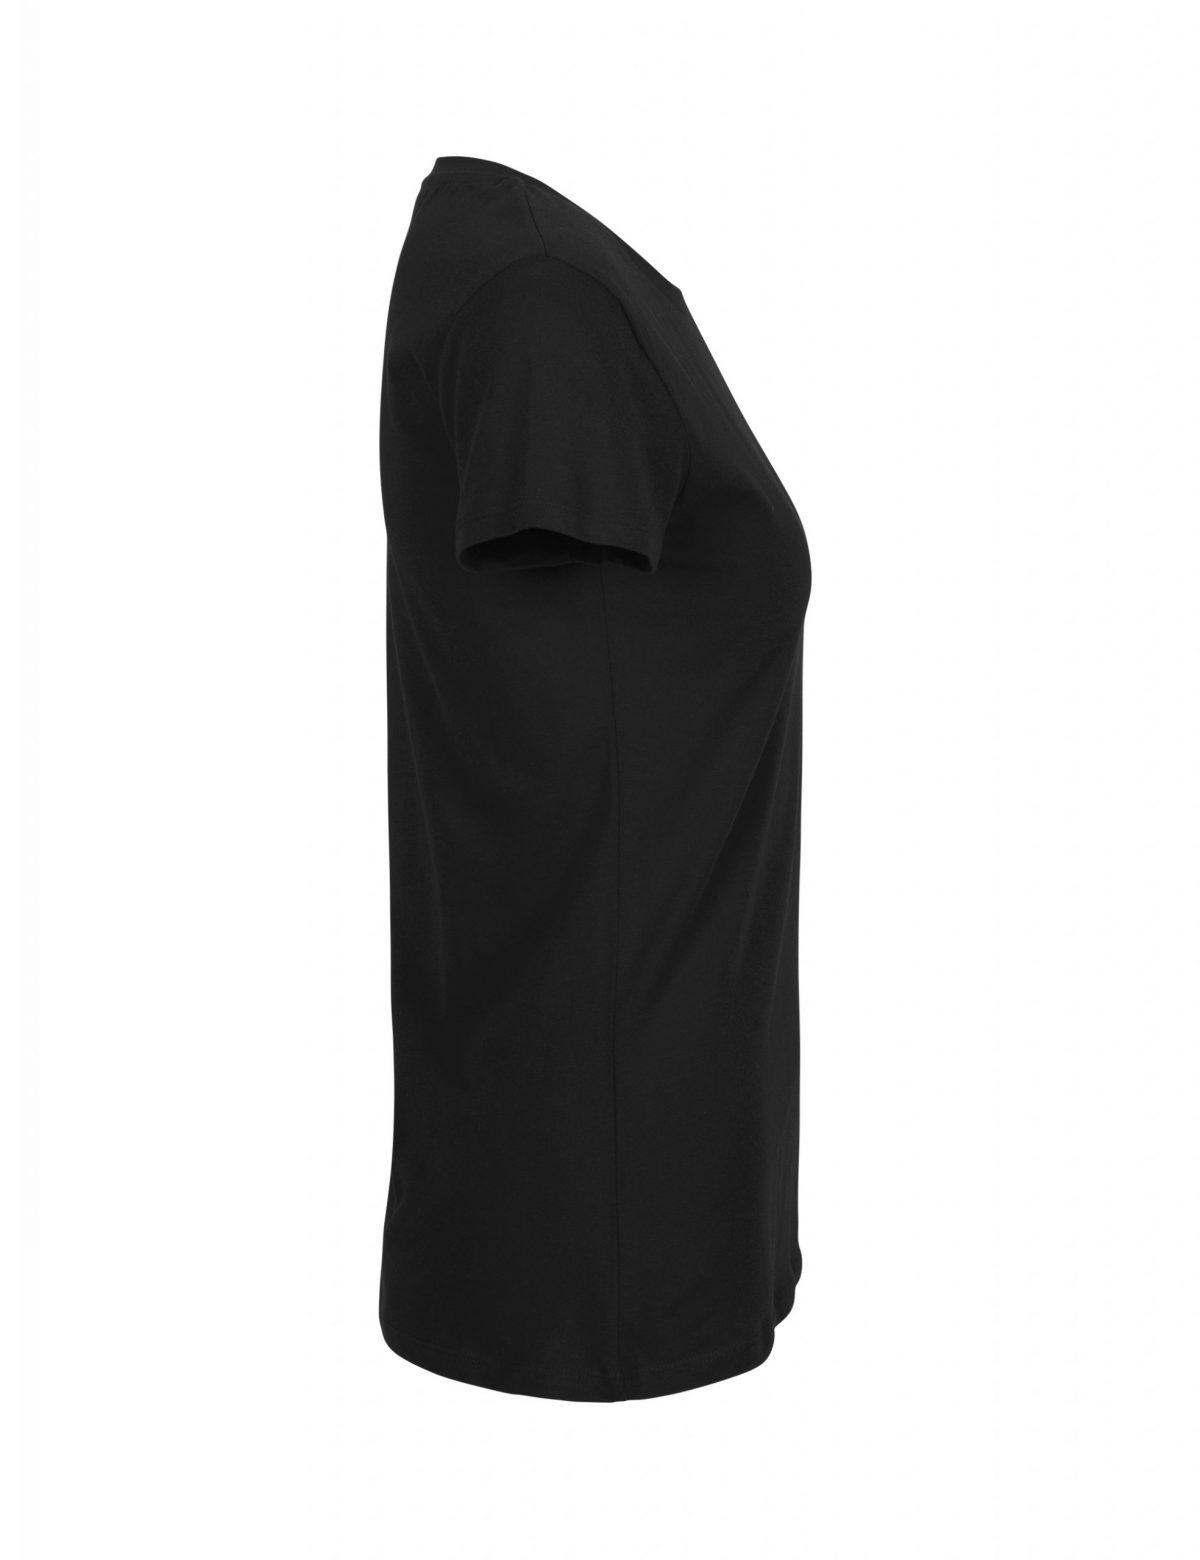 Tee-Shirt Femme – Noir